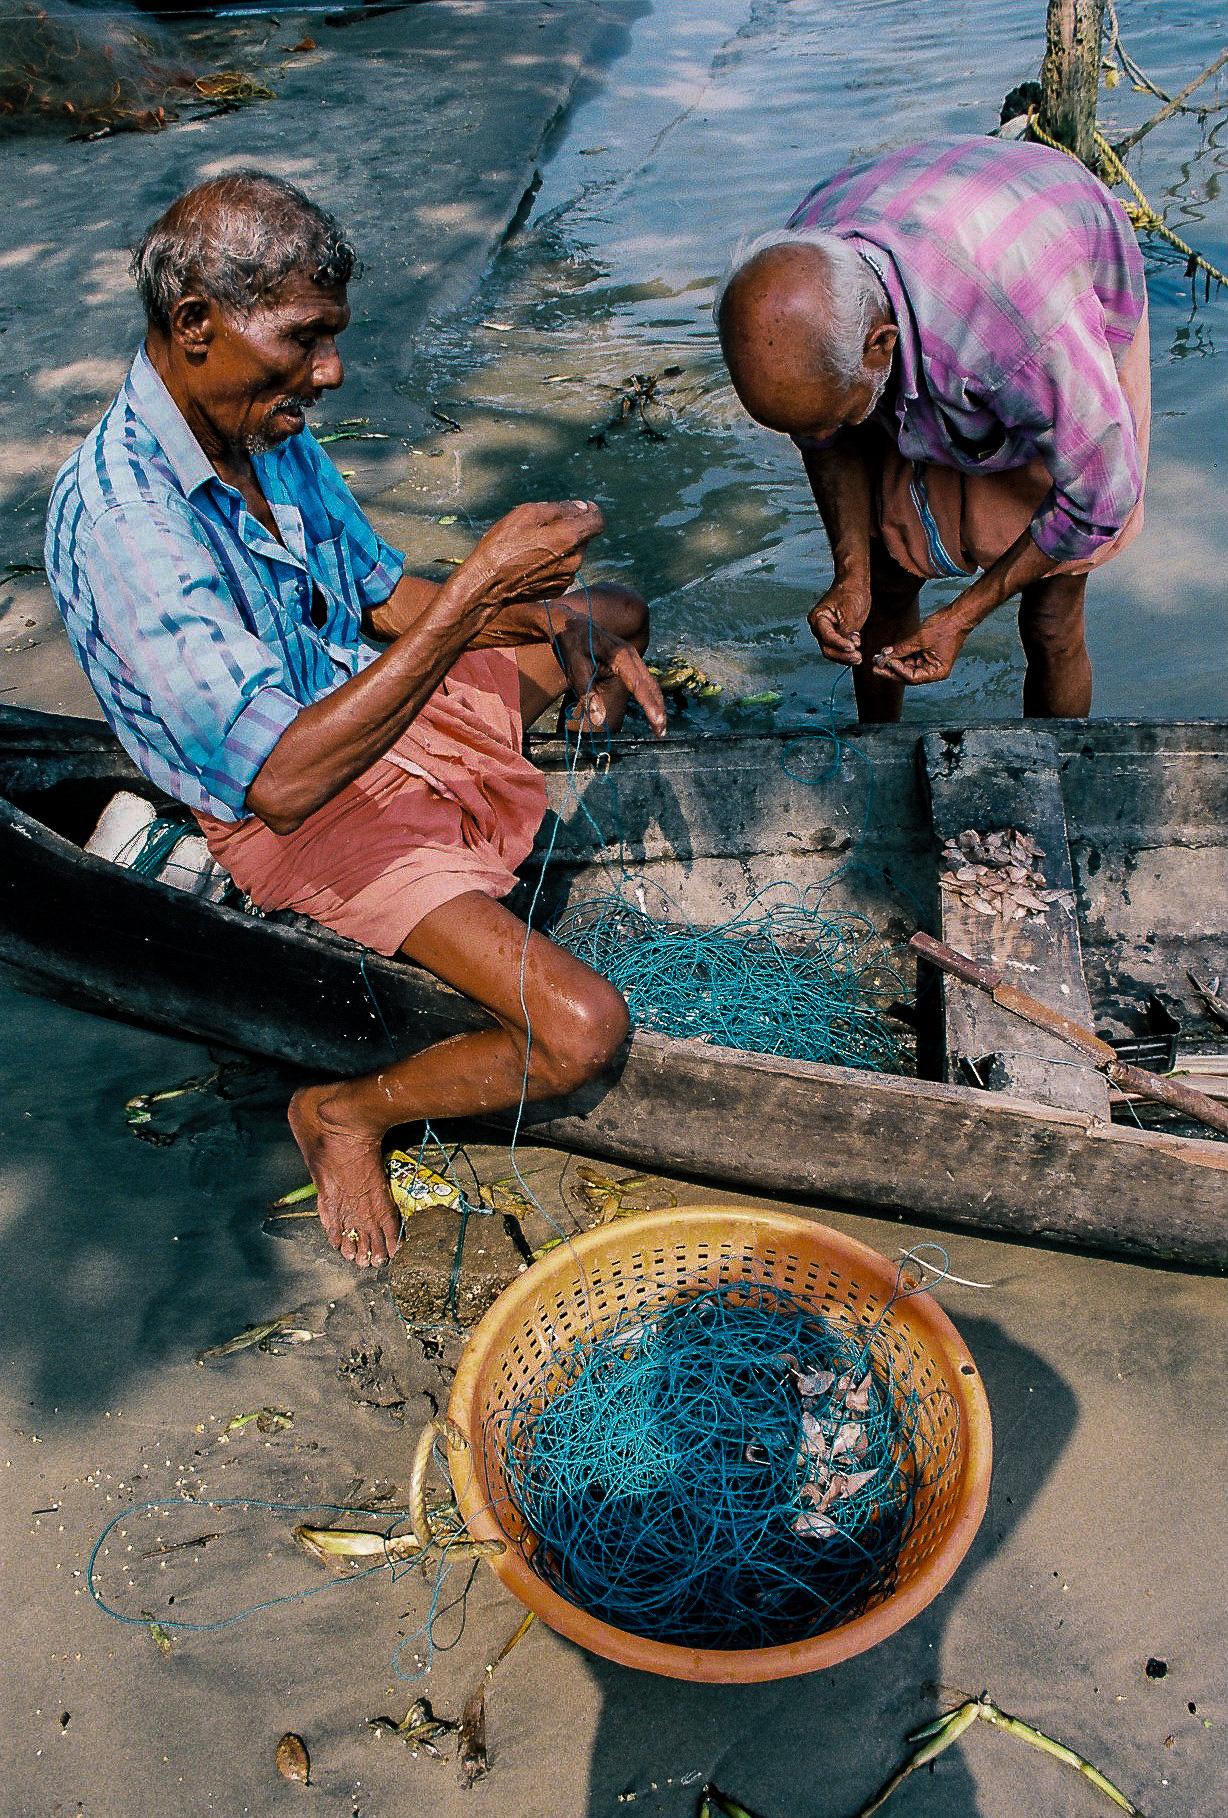 Deux hommes agés autour d'une barque en train de défaire un filet de peche